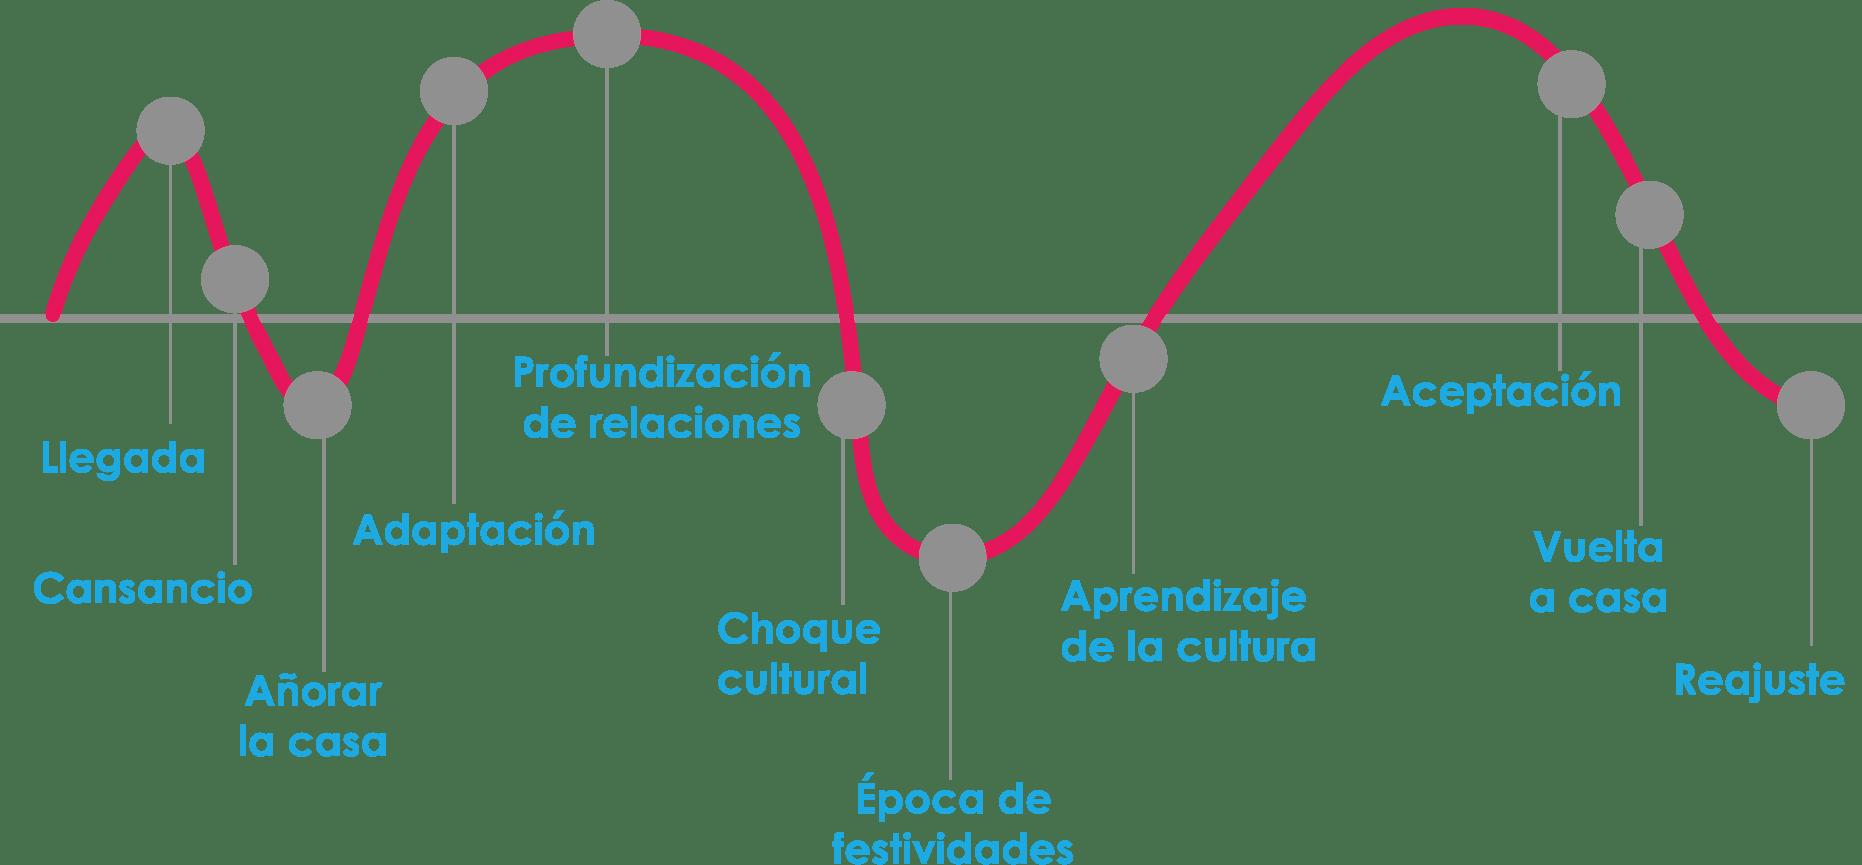 Curva adaptacion.png